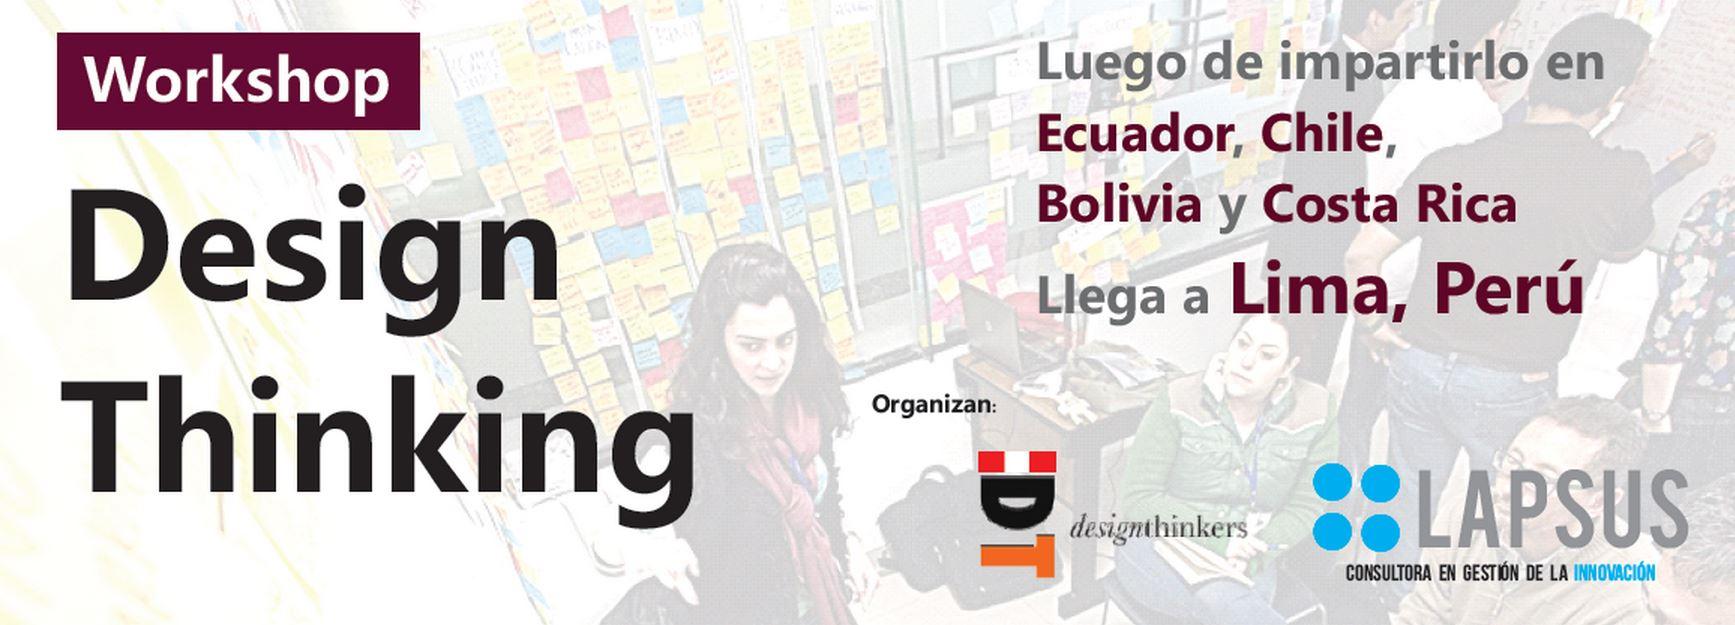 Innovación y Design Thinking - Luis Delgado Corrales Lapsus Design Thinking Perú